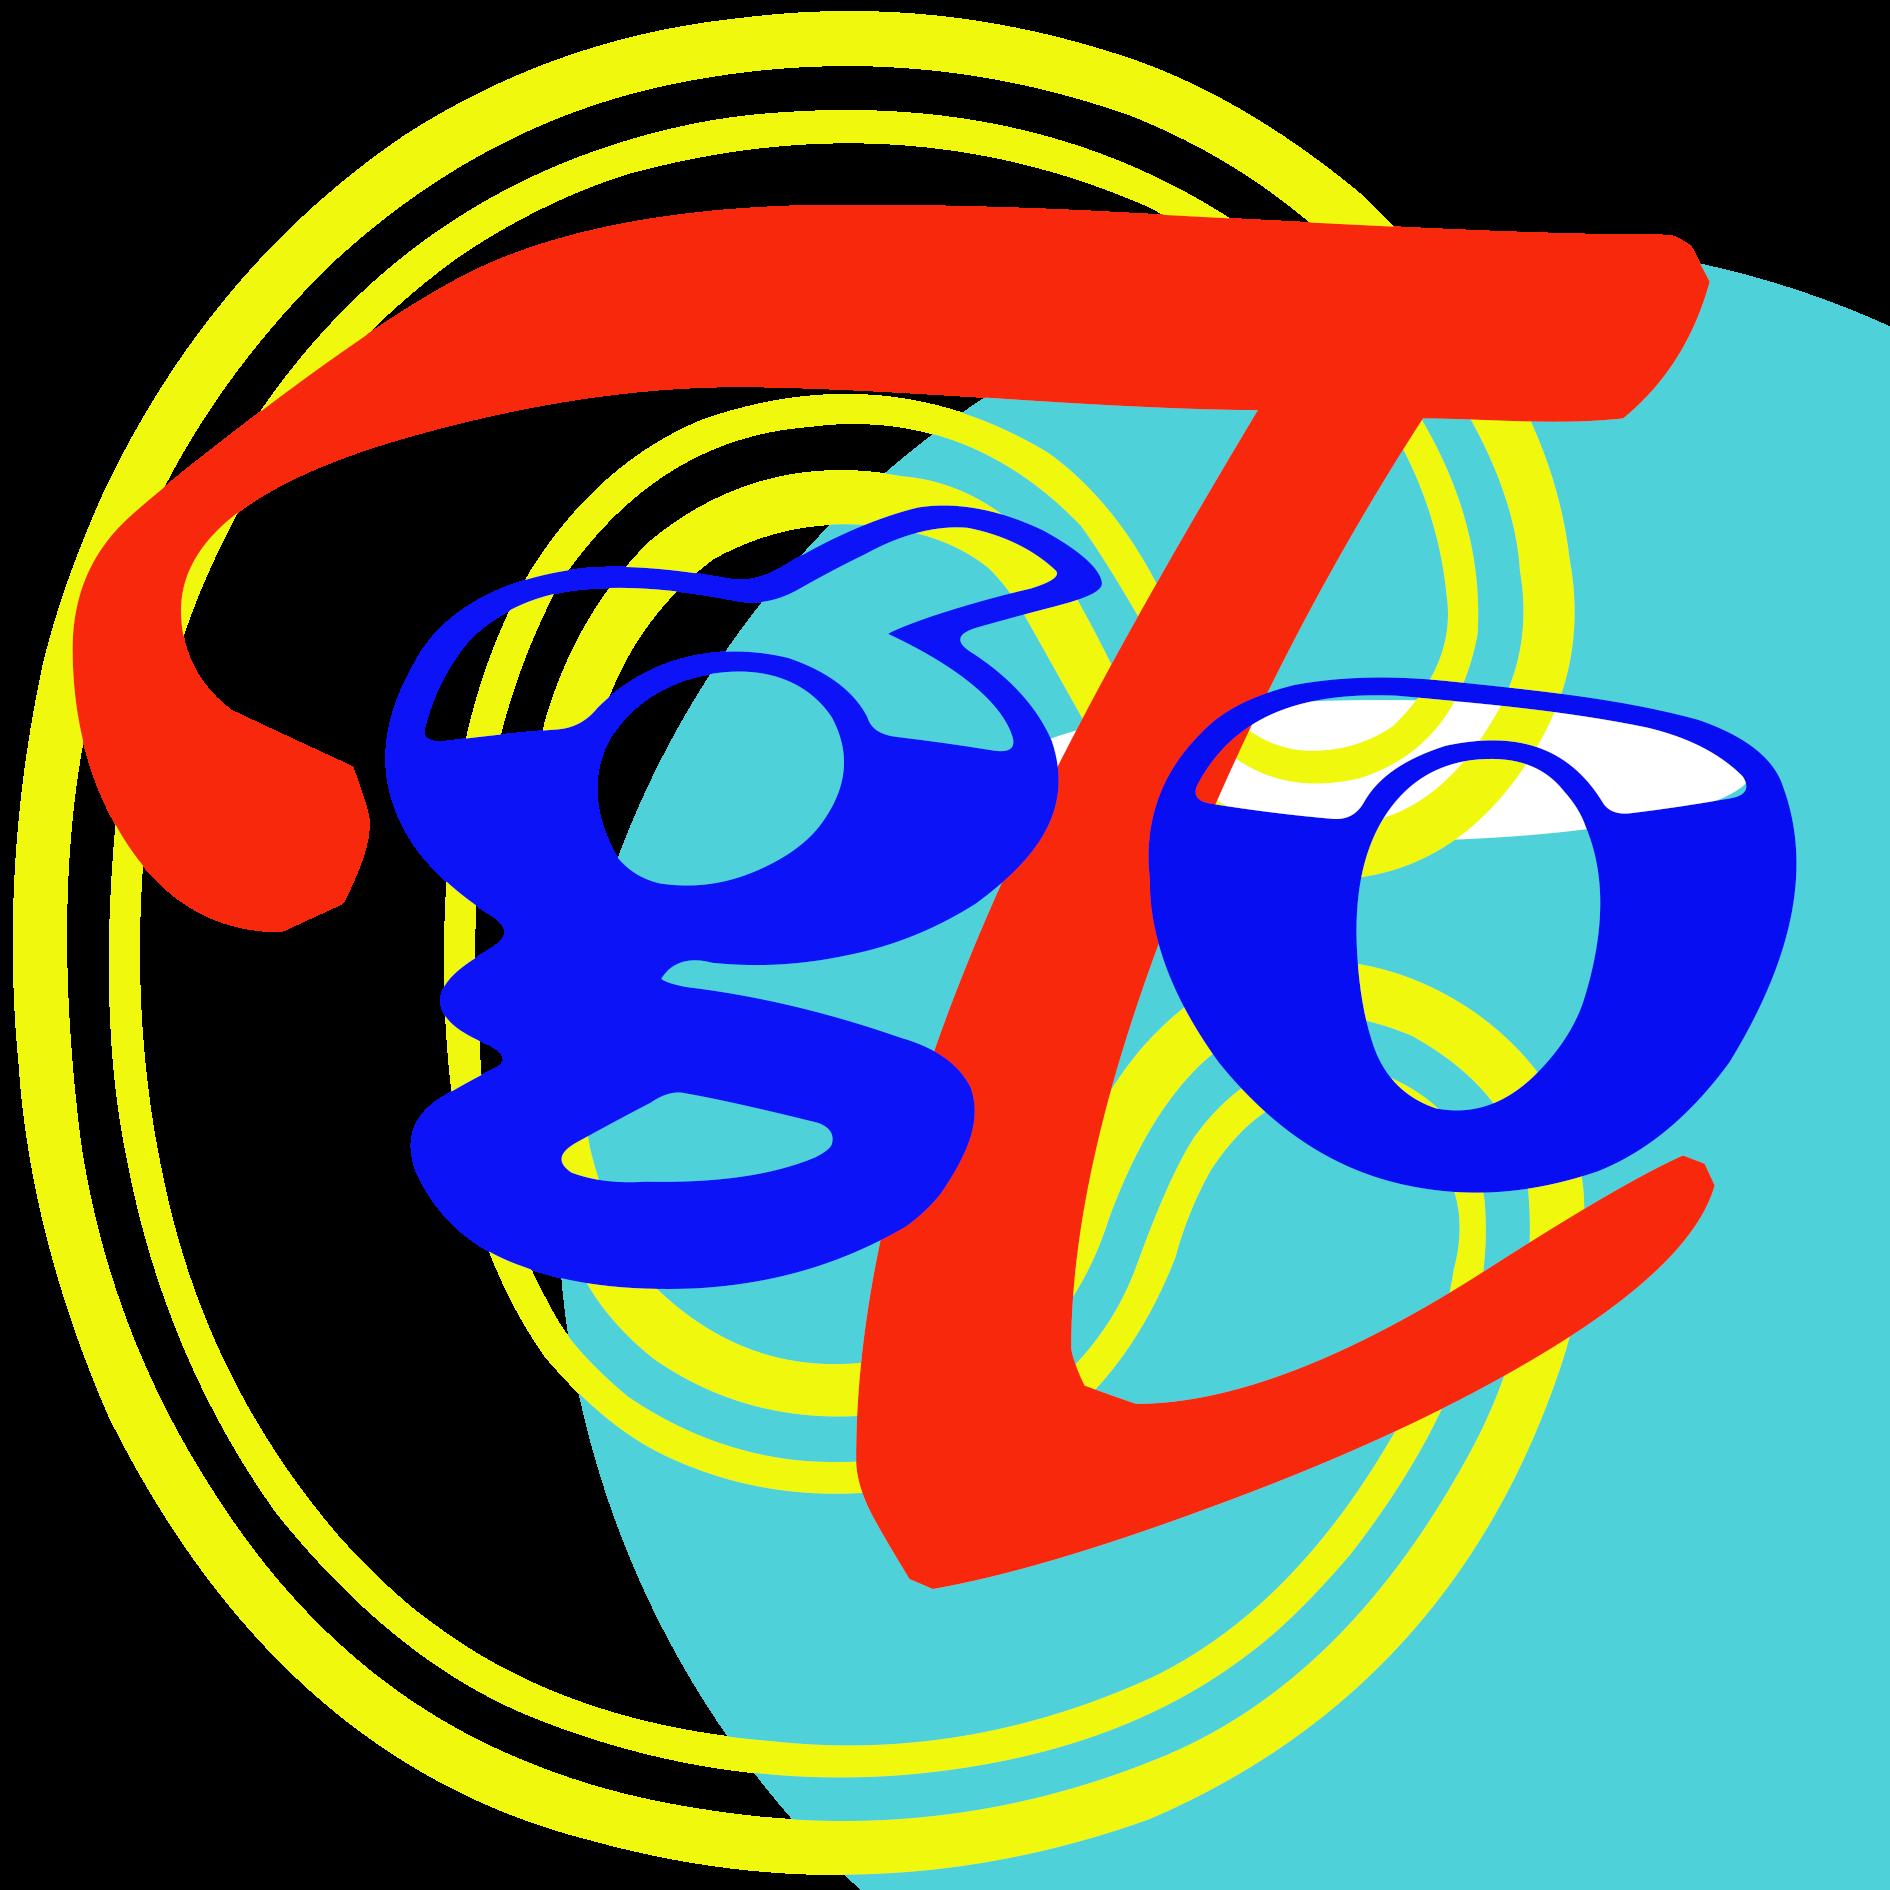 T2go Company